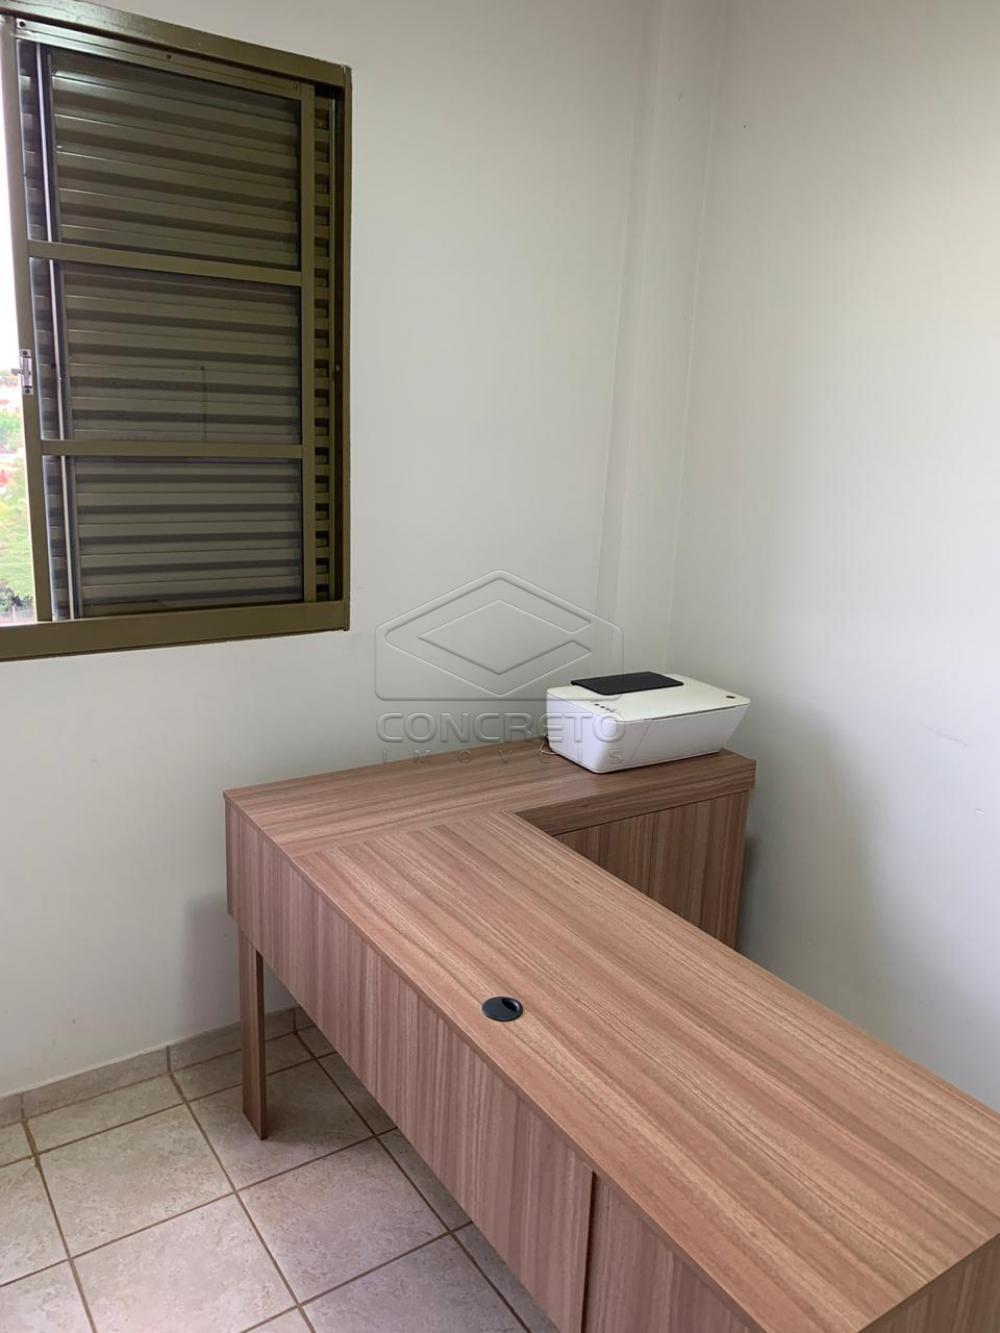 Comprar Apartamento / Padrão em Bauru apenas R$ 175.000,00 - Foto 6